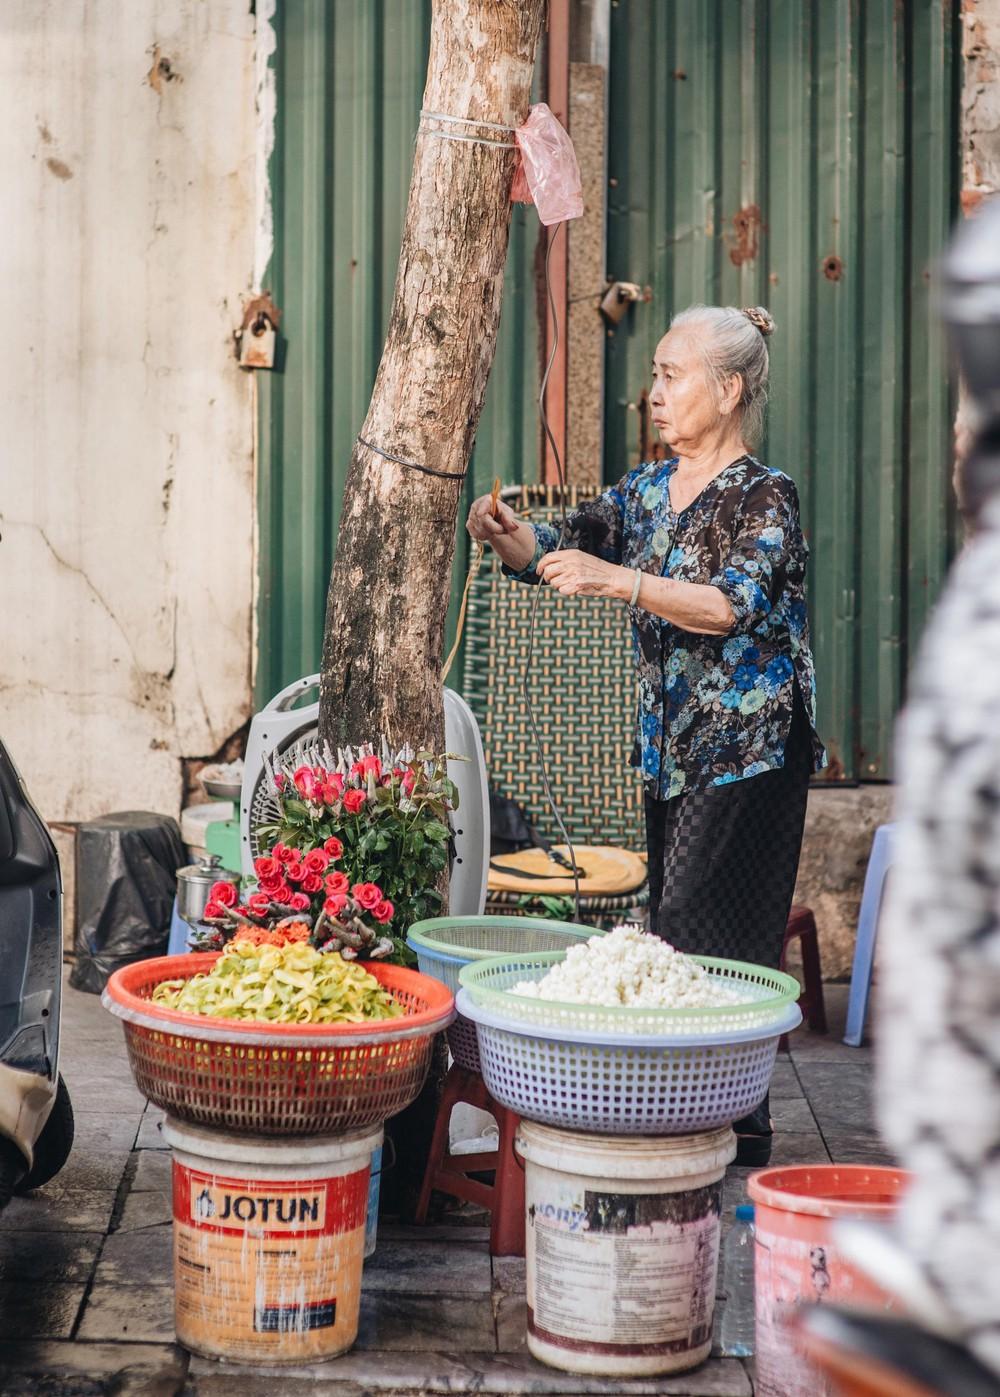 Triết lý sung sướng phụ nữ hiện đại nào cũng phải học từ cụ bà 81 tuổi bán hoa gói lá 70 năm ở góc chợ Đồng Xuân - Ảnh 19.